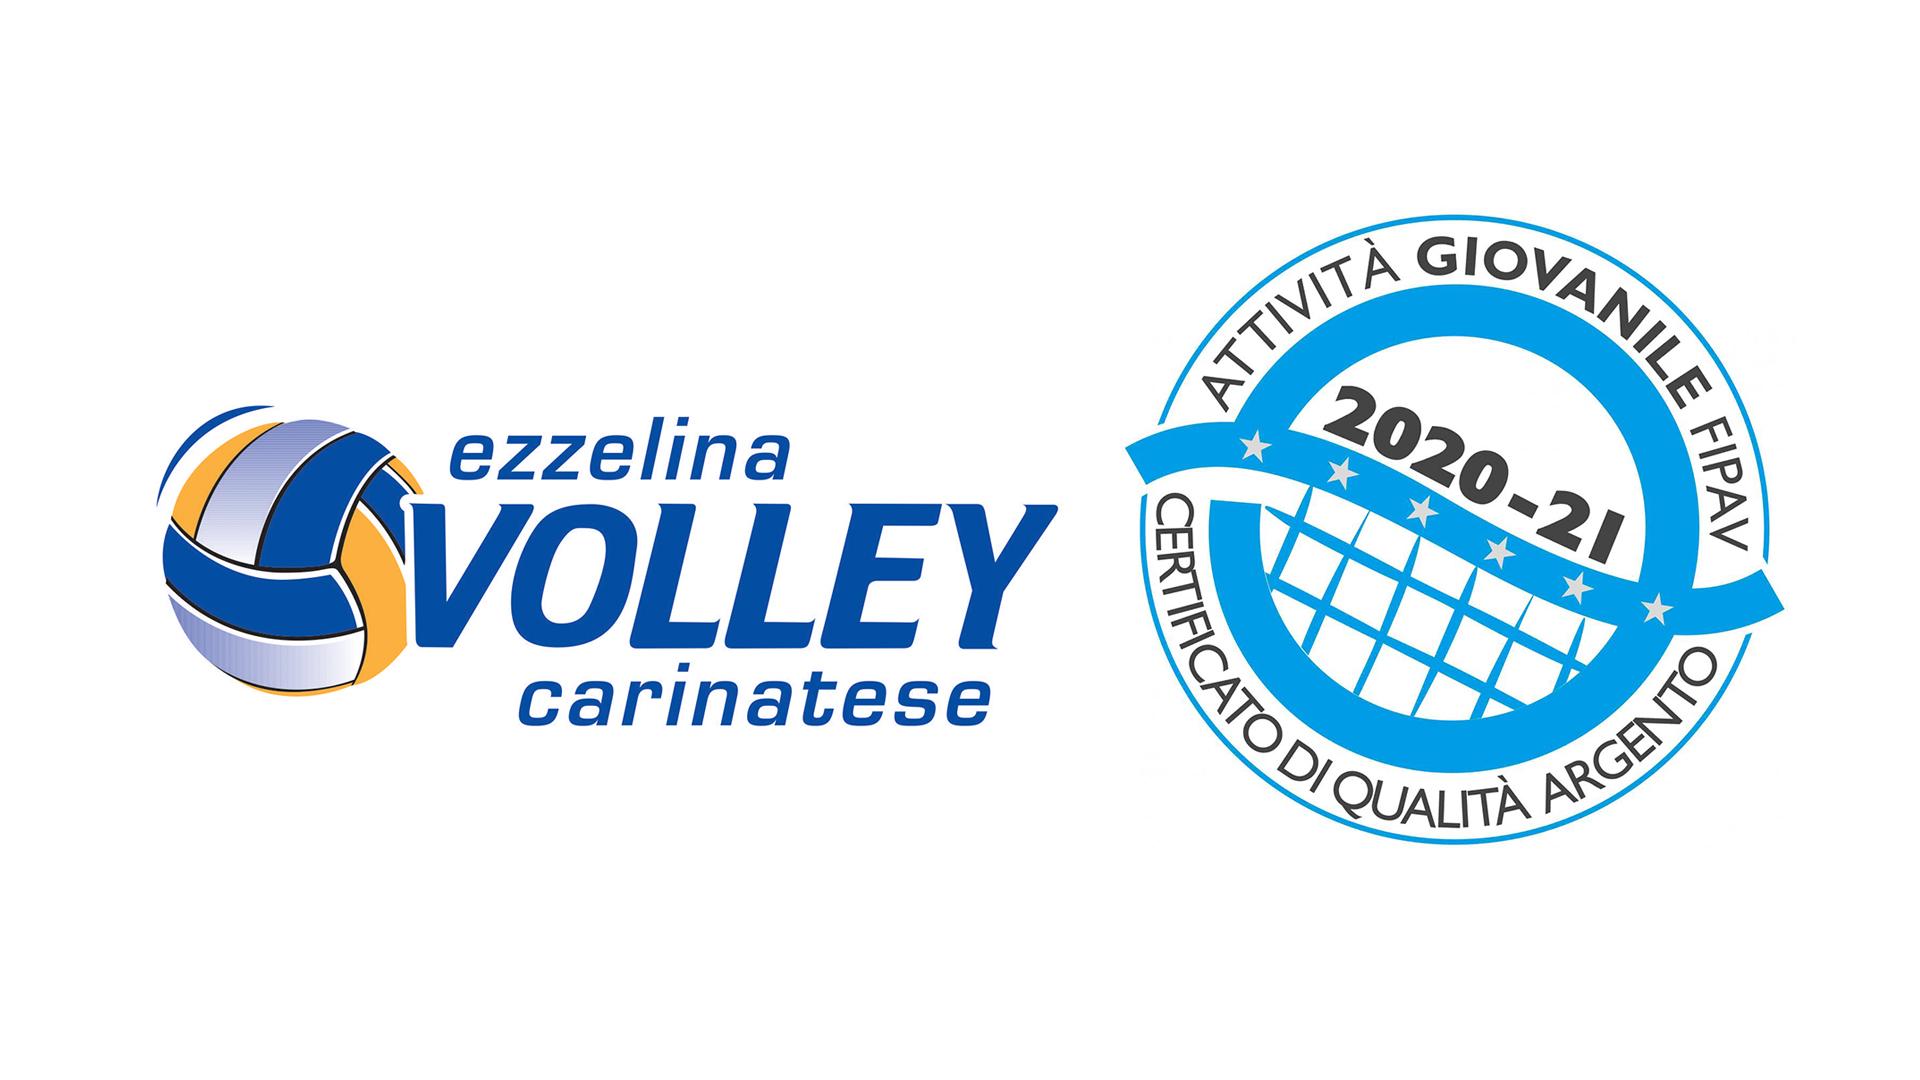 L'Ezzelina Volley Carinatese ottiene il Certificato di Qualità FIPAV d'argento